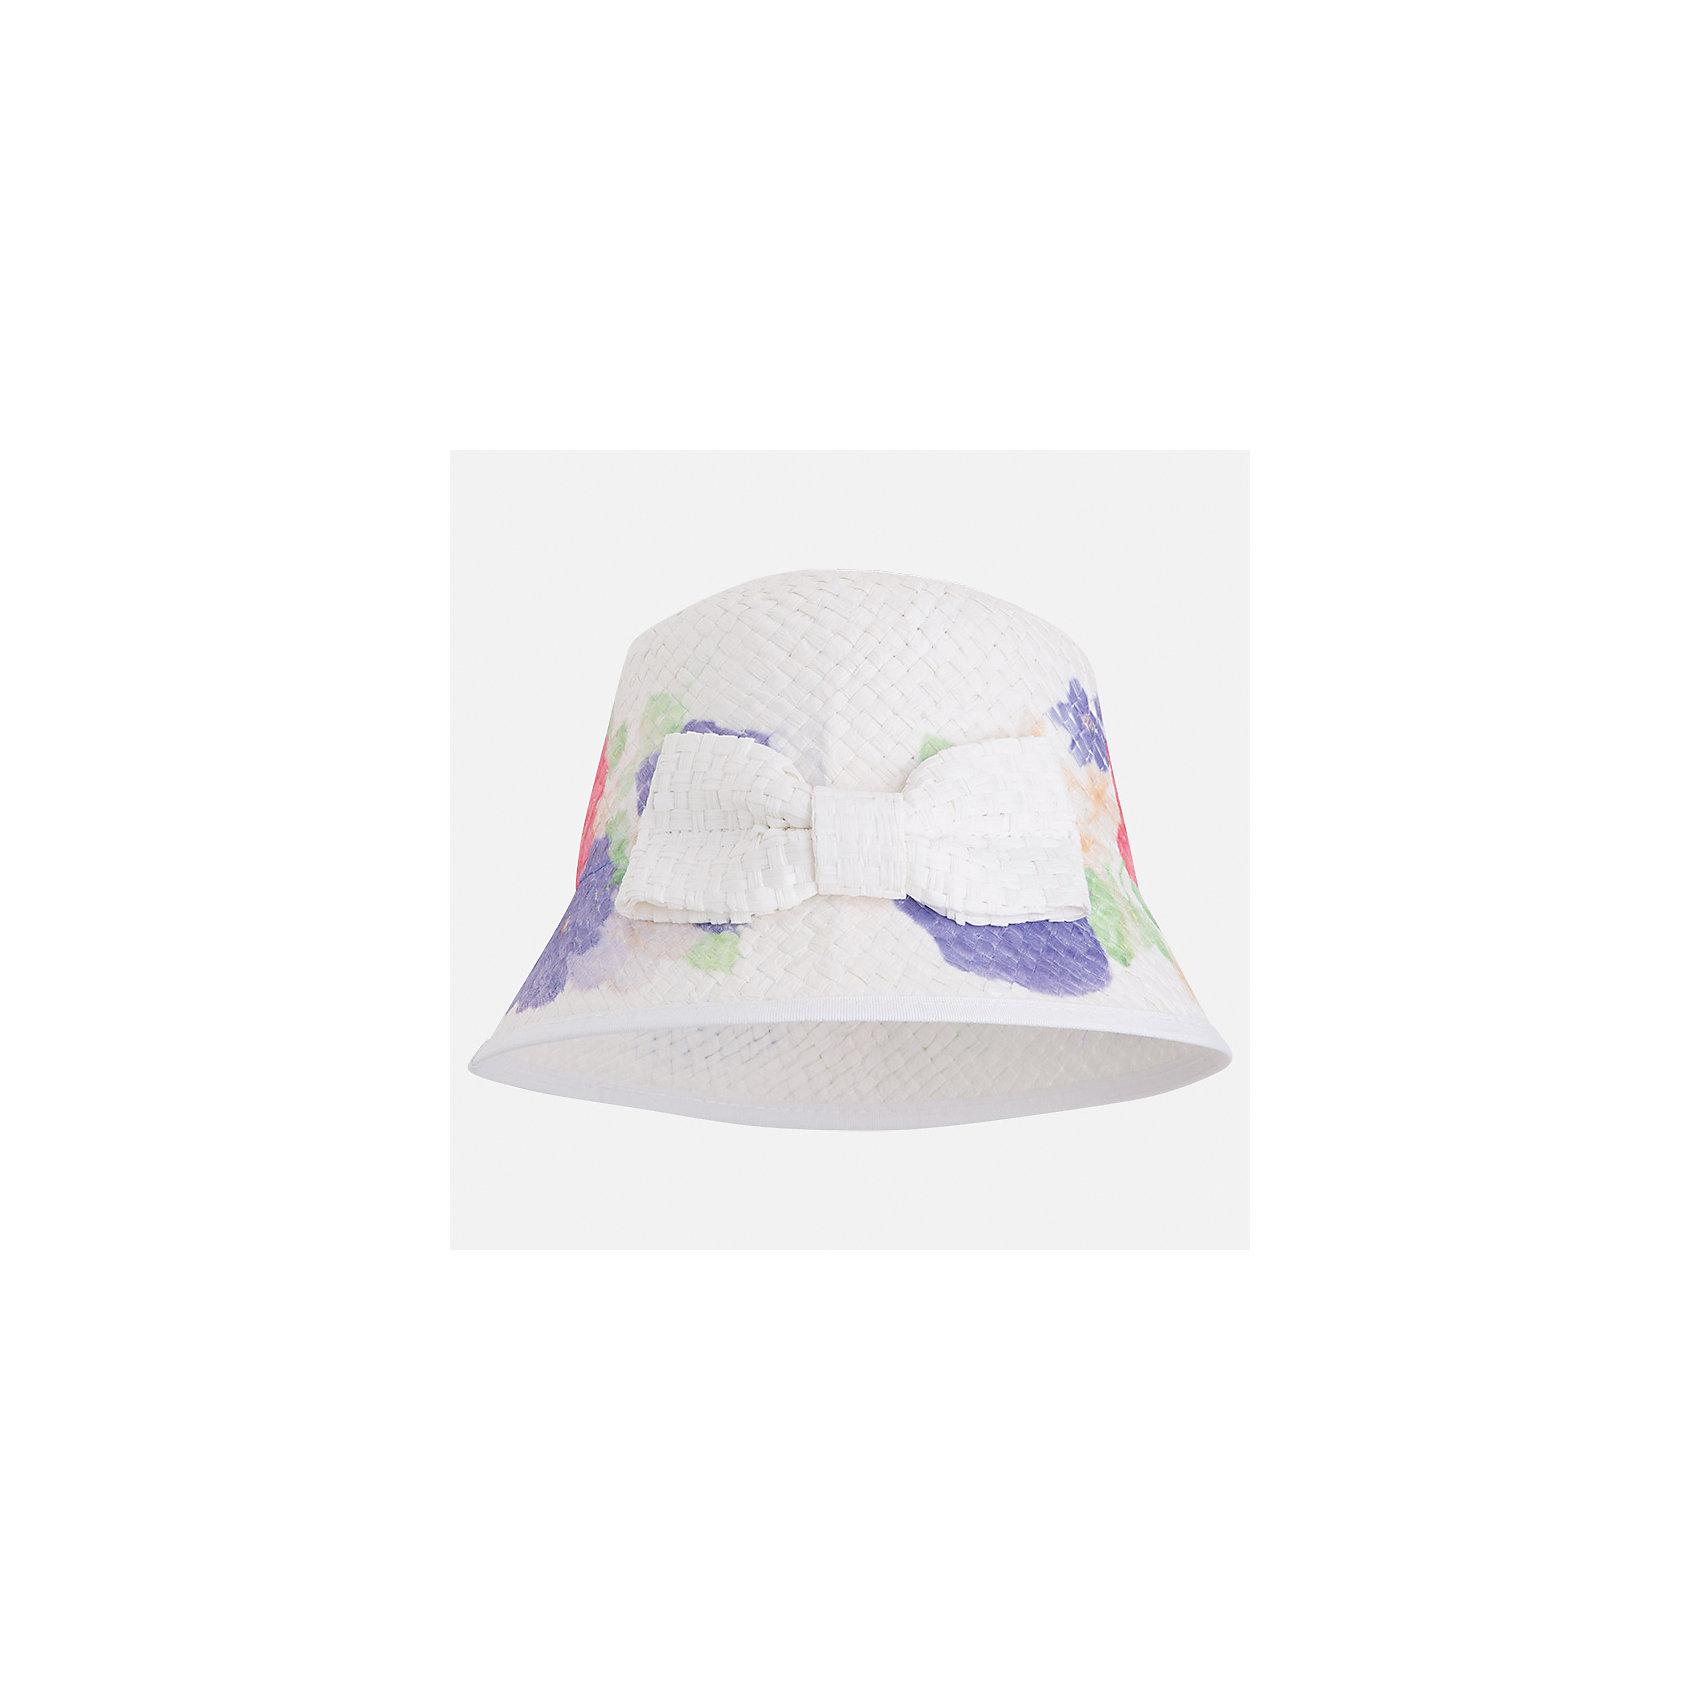 Шляпа для девочки MayoralГоловные уборы<br>Характеристики товара:<br><br>• цвет: белый<br>• состав: 100% бумага<br>• принт<br>• дышащая фактура<br>• декорирована бантом<br>• страна бренда: Испания<br><br>Красивая легкая шляпа для девочки поможет обеспечить ребенку защиту от солнца и дополнить наряд. Шляпа удобно сидит и красиво смотрится. <br><br>Шляпу для девочки от испанского бренда Mayoral (Майорал) можно купить в нашем интернет-магазине.<br><br>Ширина мм: 89<br>Глубина мм: 117<br>Высота мм: 44<br>Вес г: 155<br>Цвет: синий<br>Возраст от месяцев: 48<br>Возраст до месяцев: 60<br>Пол: Женский<br>Возраст: Детский<br>Размер: 52,50,54<br>SKU: 5293527